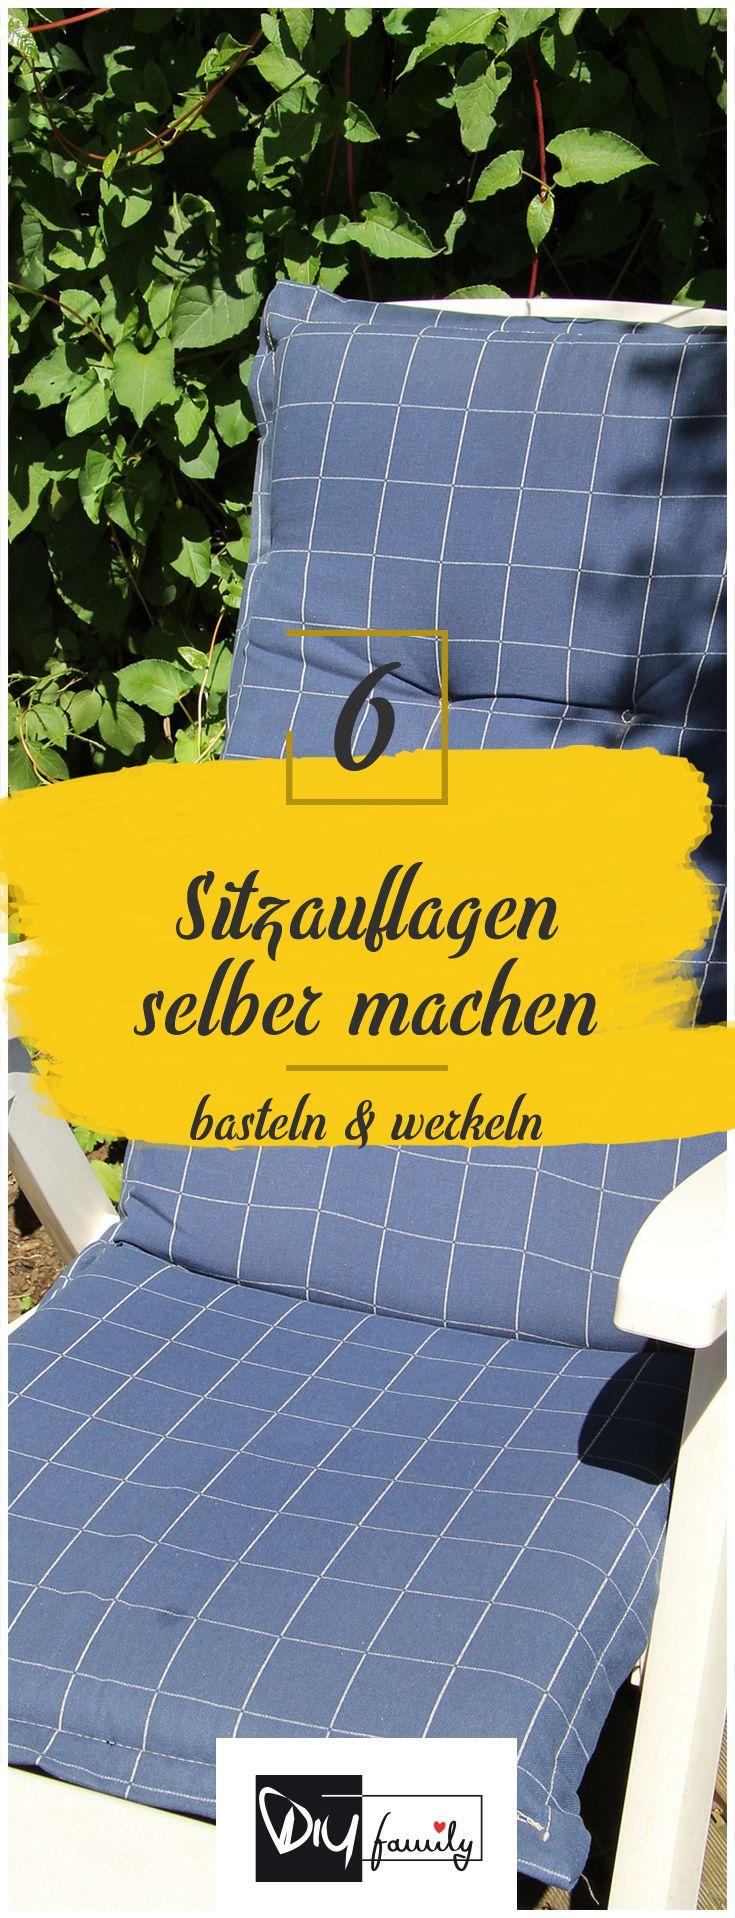 Ha! Diese Sitzauflagen sind einfach grandios! Schau mal rein ;) #garten #sitz #stuhl #diy #auflage #stoff #anleitung #blumen #sommer #sonne